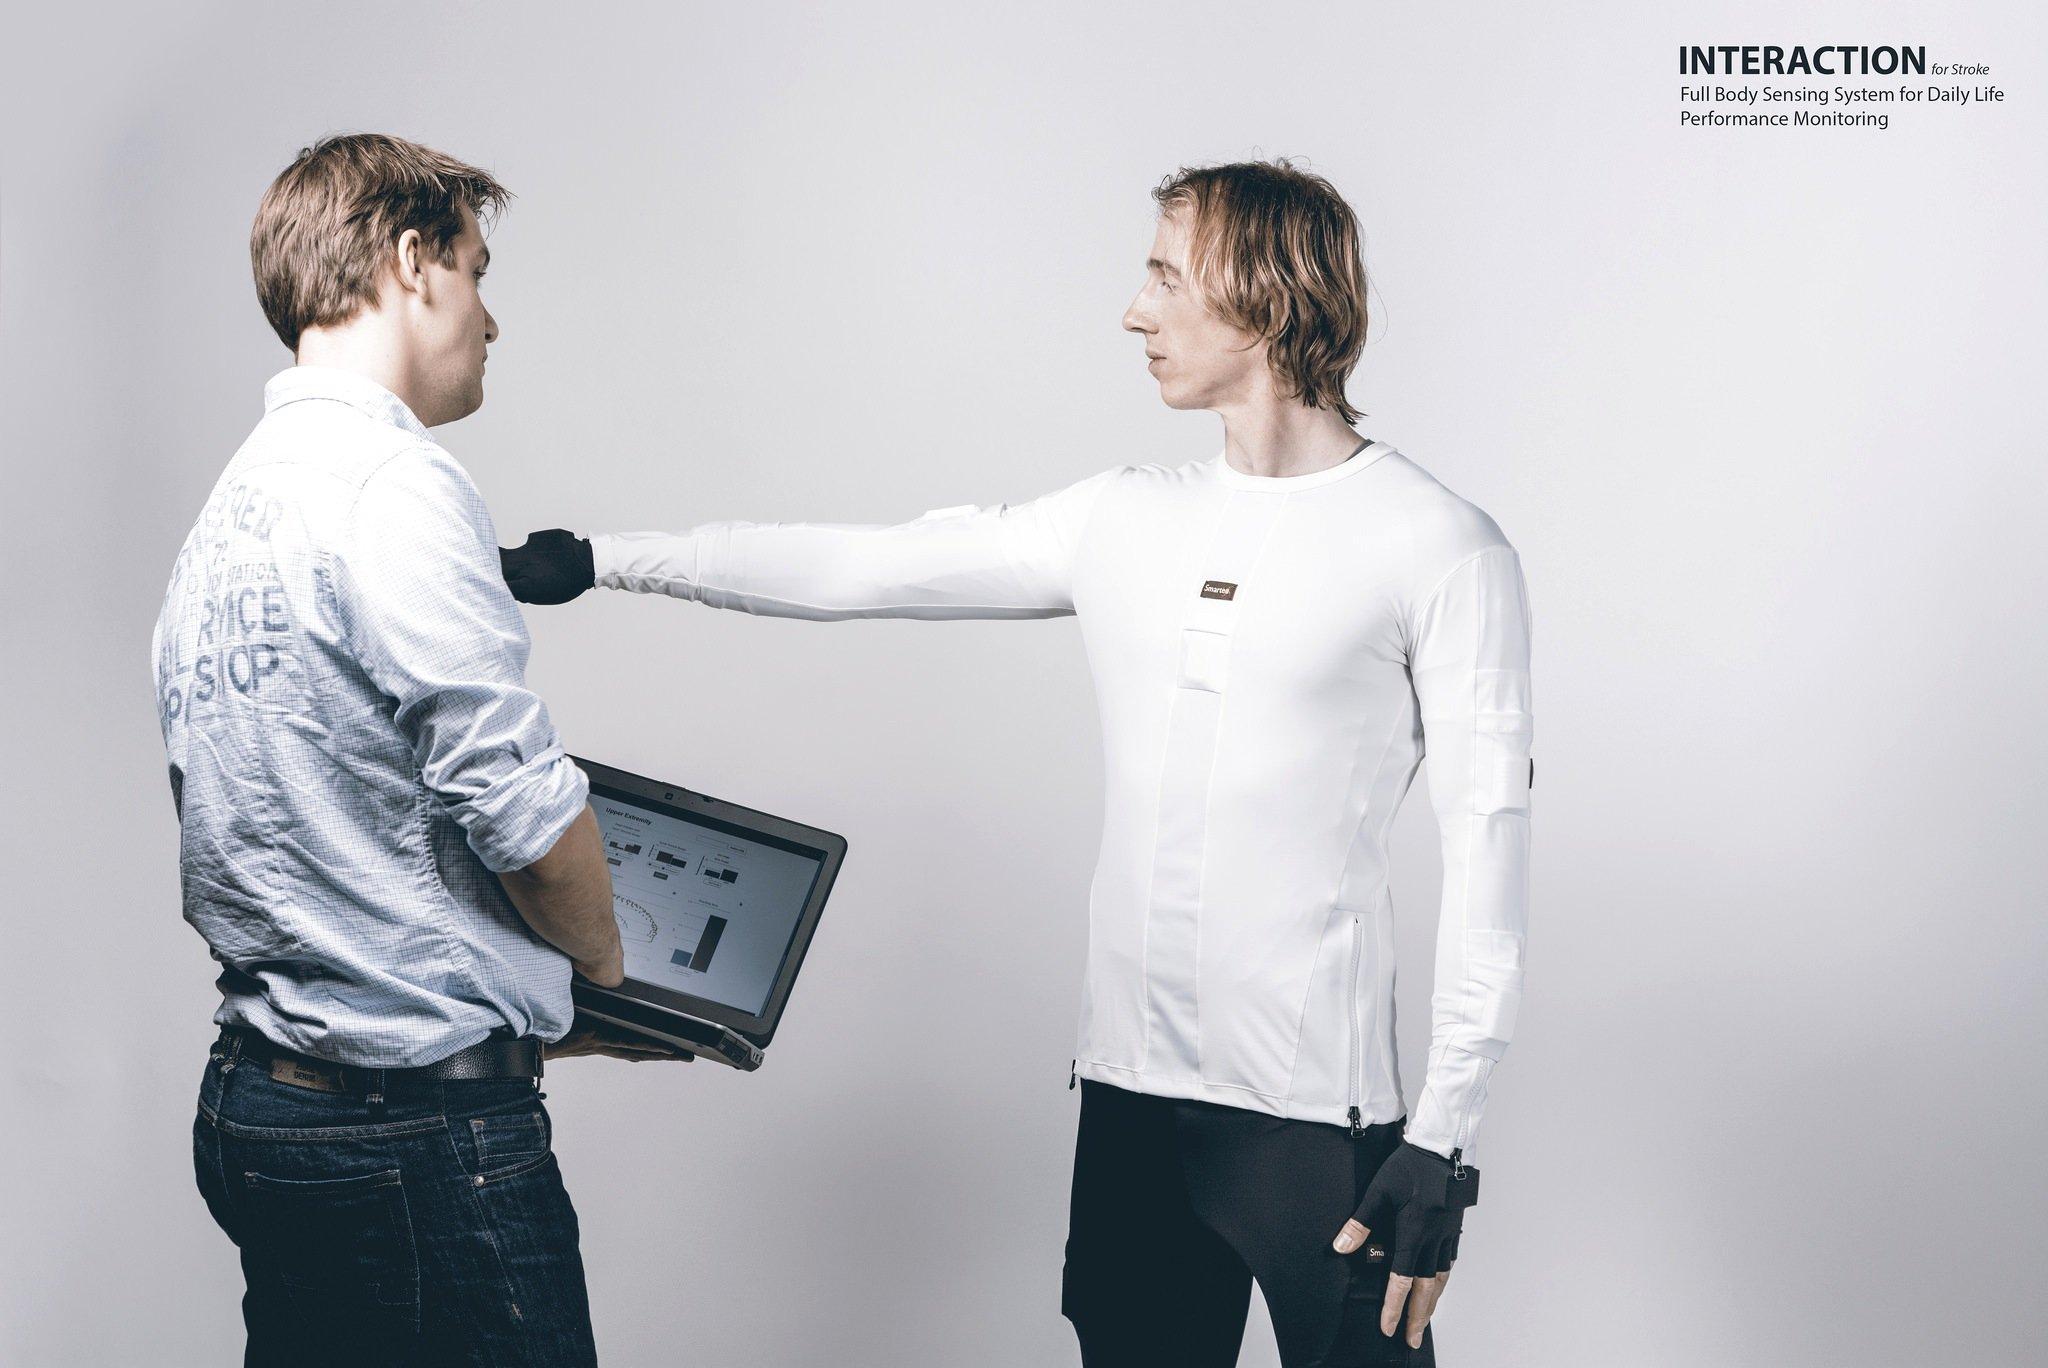 Die Sensoren sind vernetzt und übertragen die Bewegungsdaten an einen Computer, wo sie ausgewertet werden.